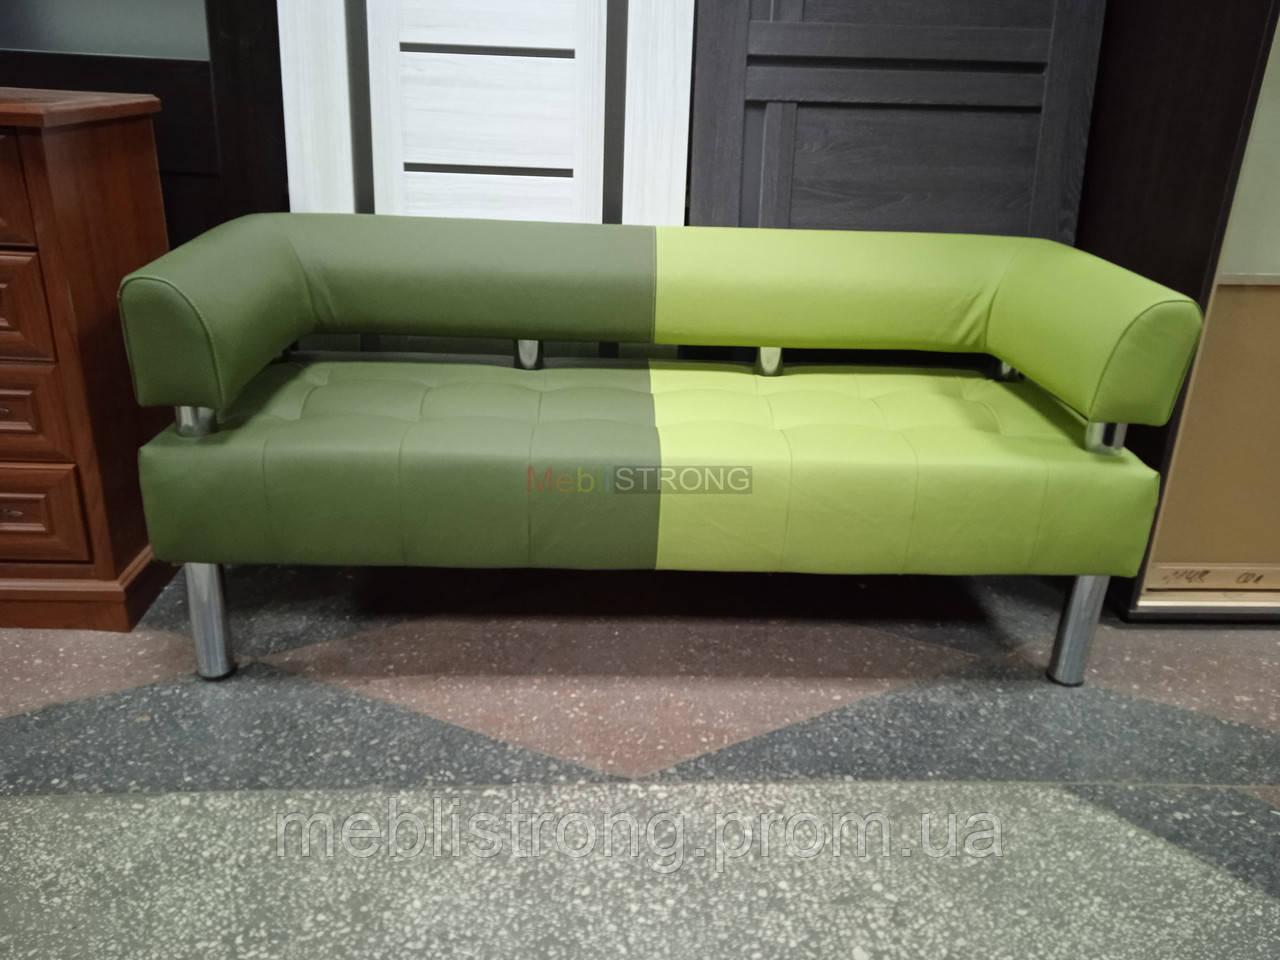 Офисный диван в офис Стронг Mix (MebliSTRONG) - темно-светло зеленый матовый цвет